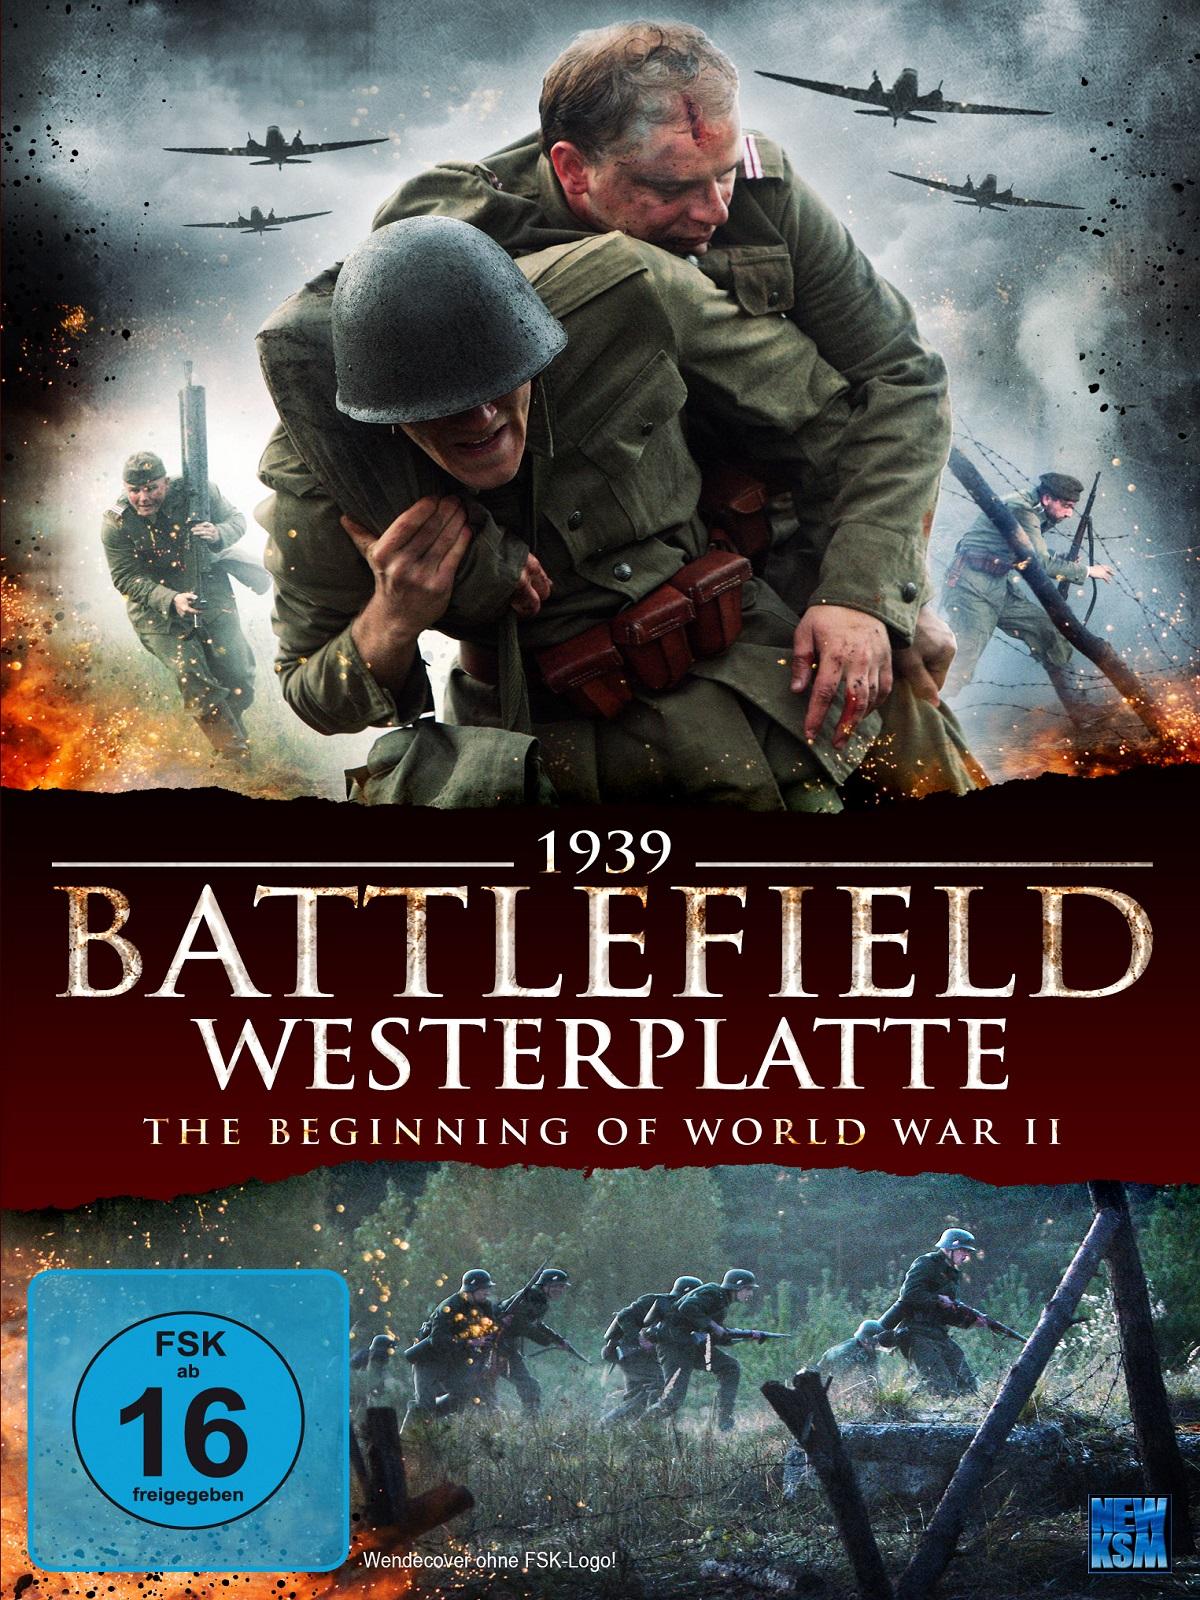 Battlefield Westerplatte